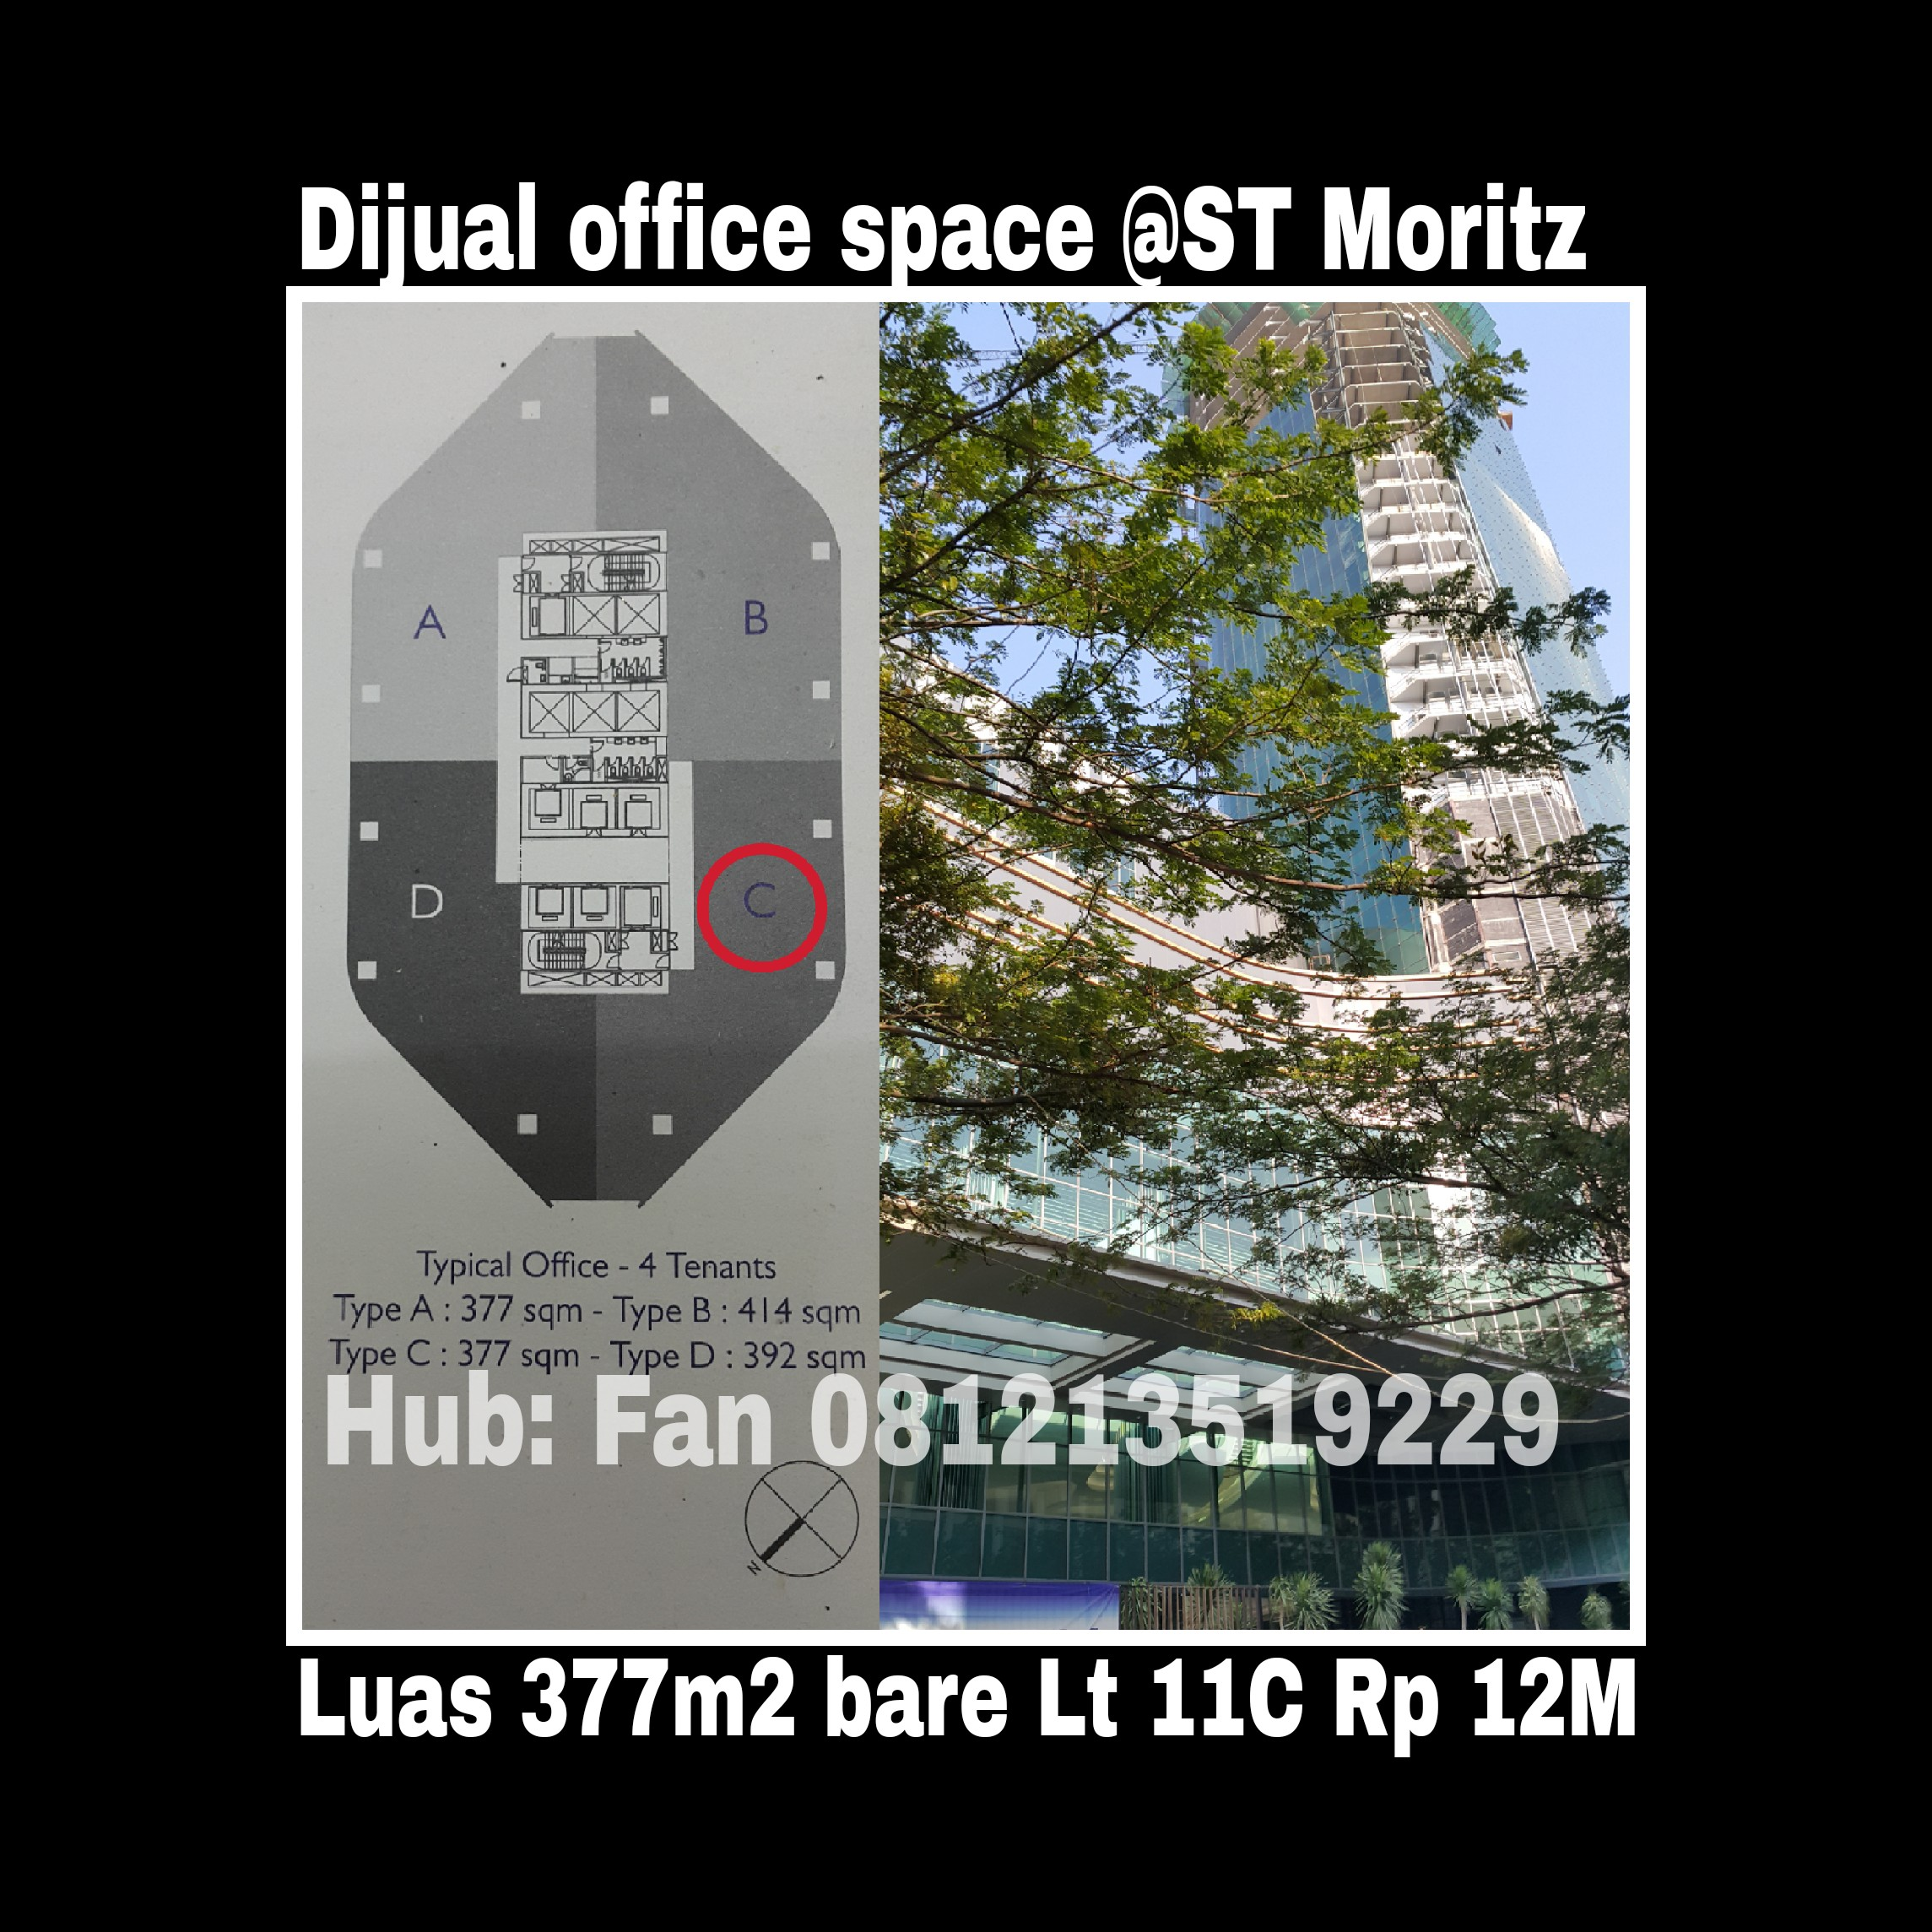 Office Space 377m2 St Moritz.jpg